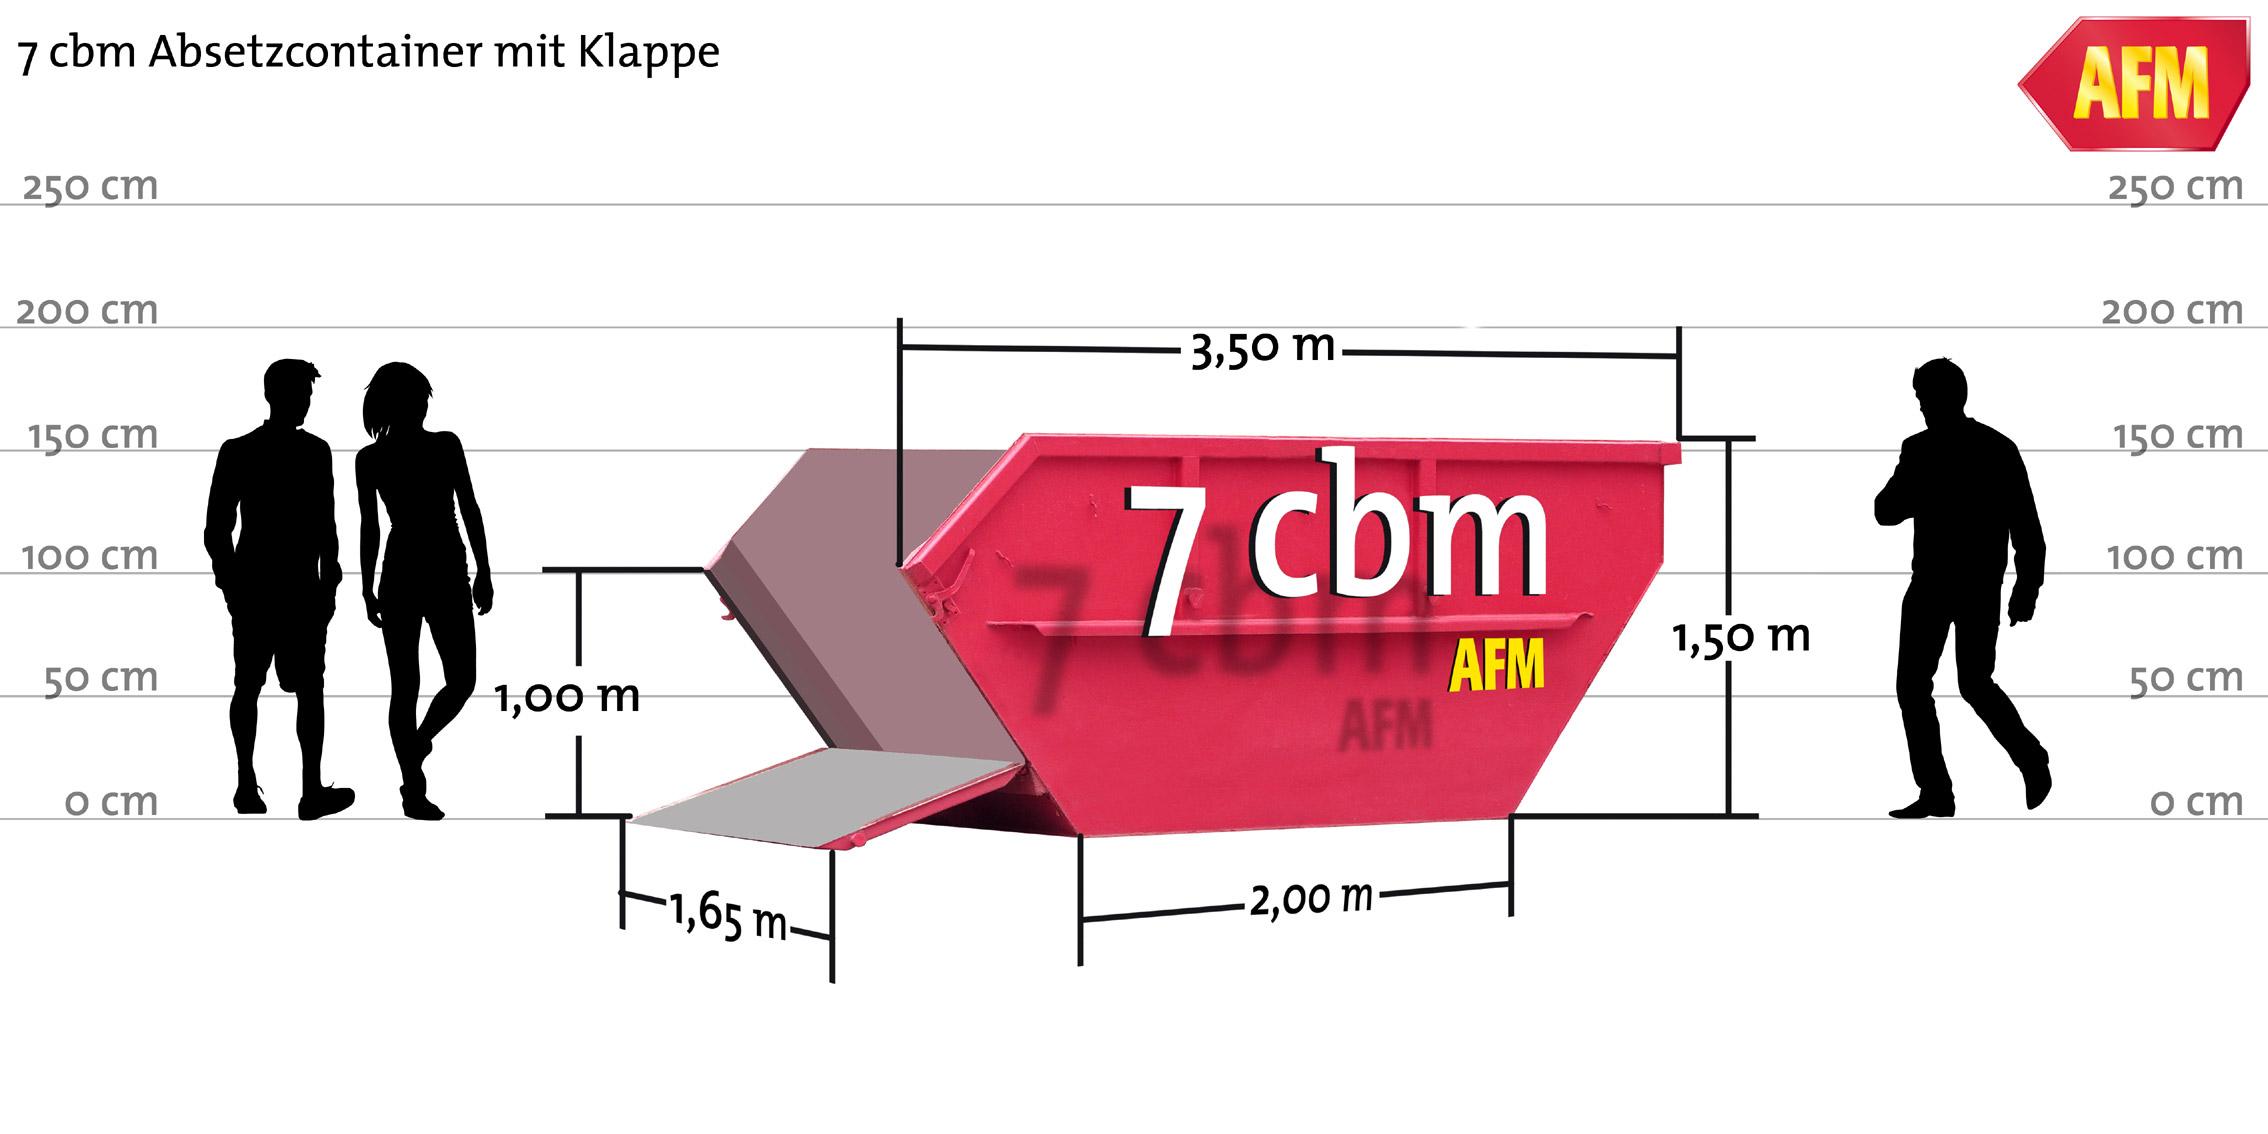 Absetz-Container mit Klappe 7cbm